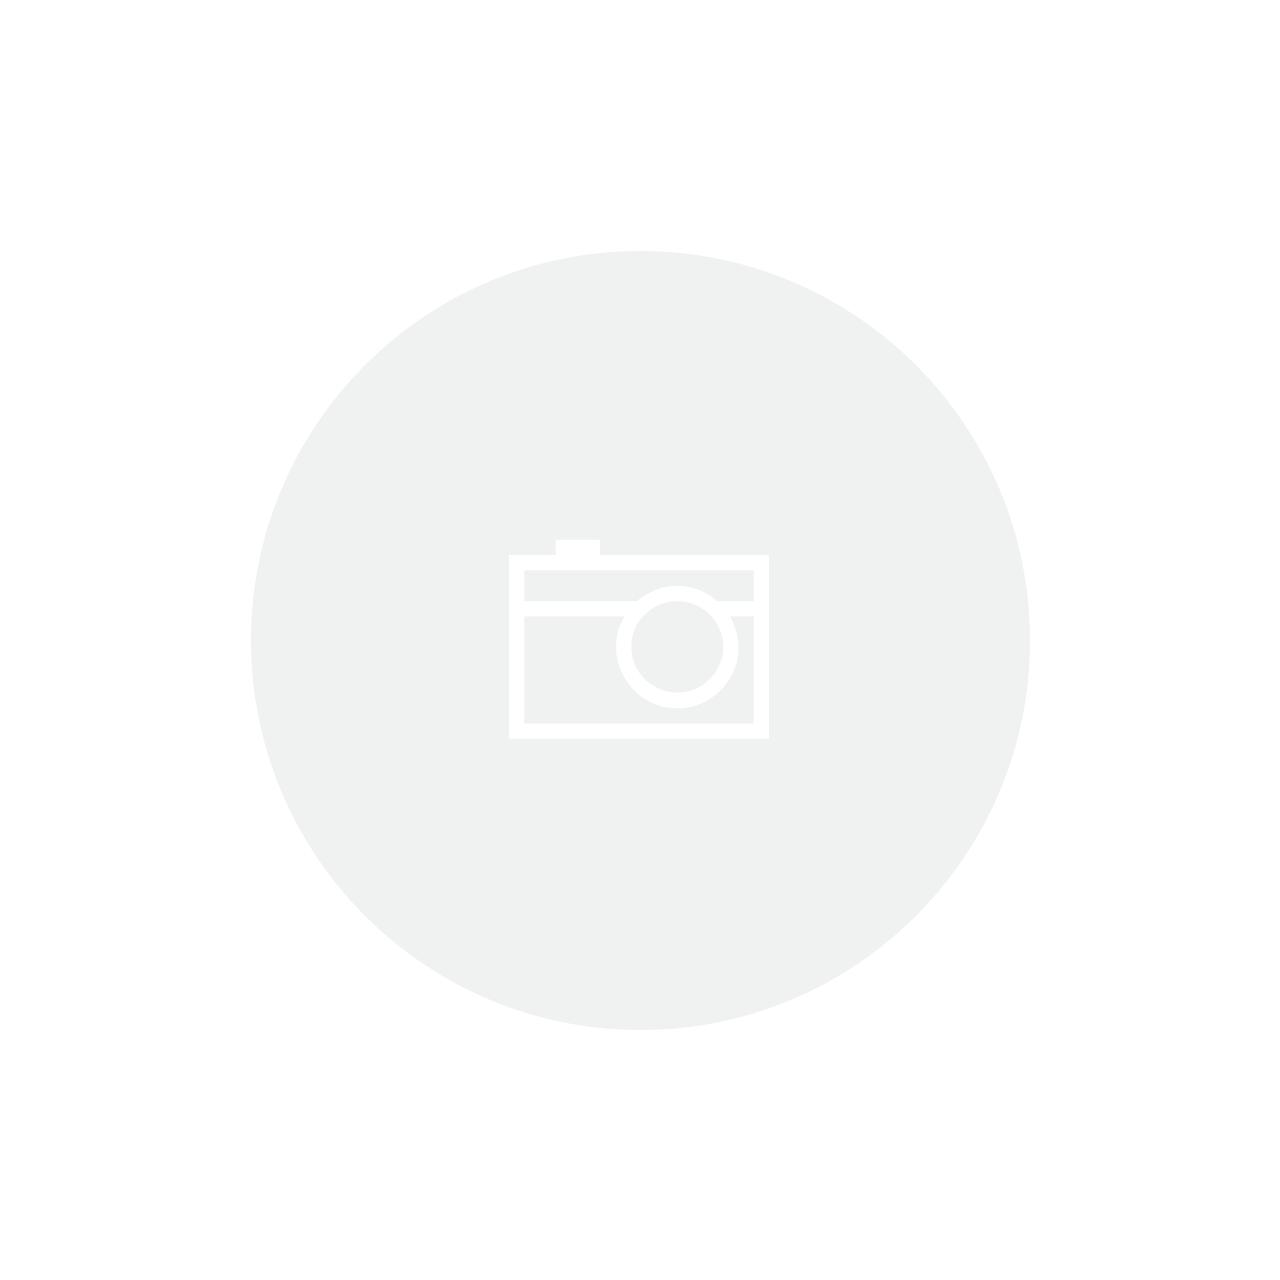 Caixa Organizadora 17 Litros Transparente Basic Tramontina